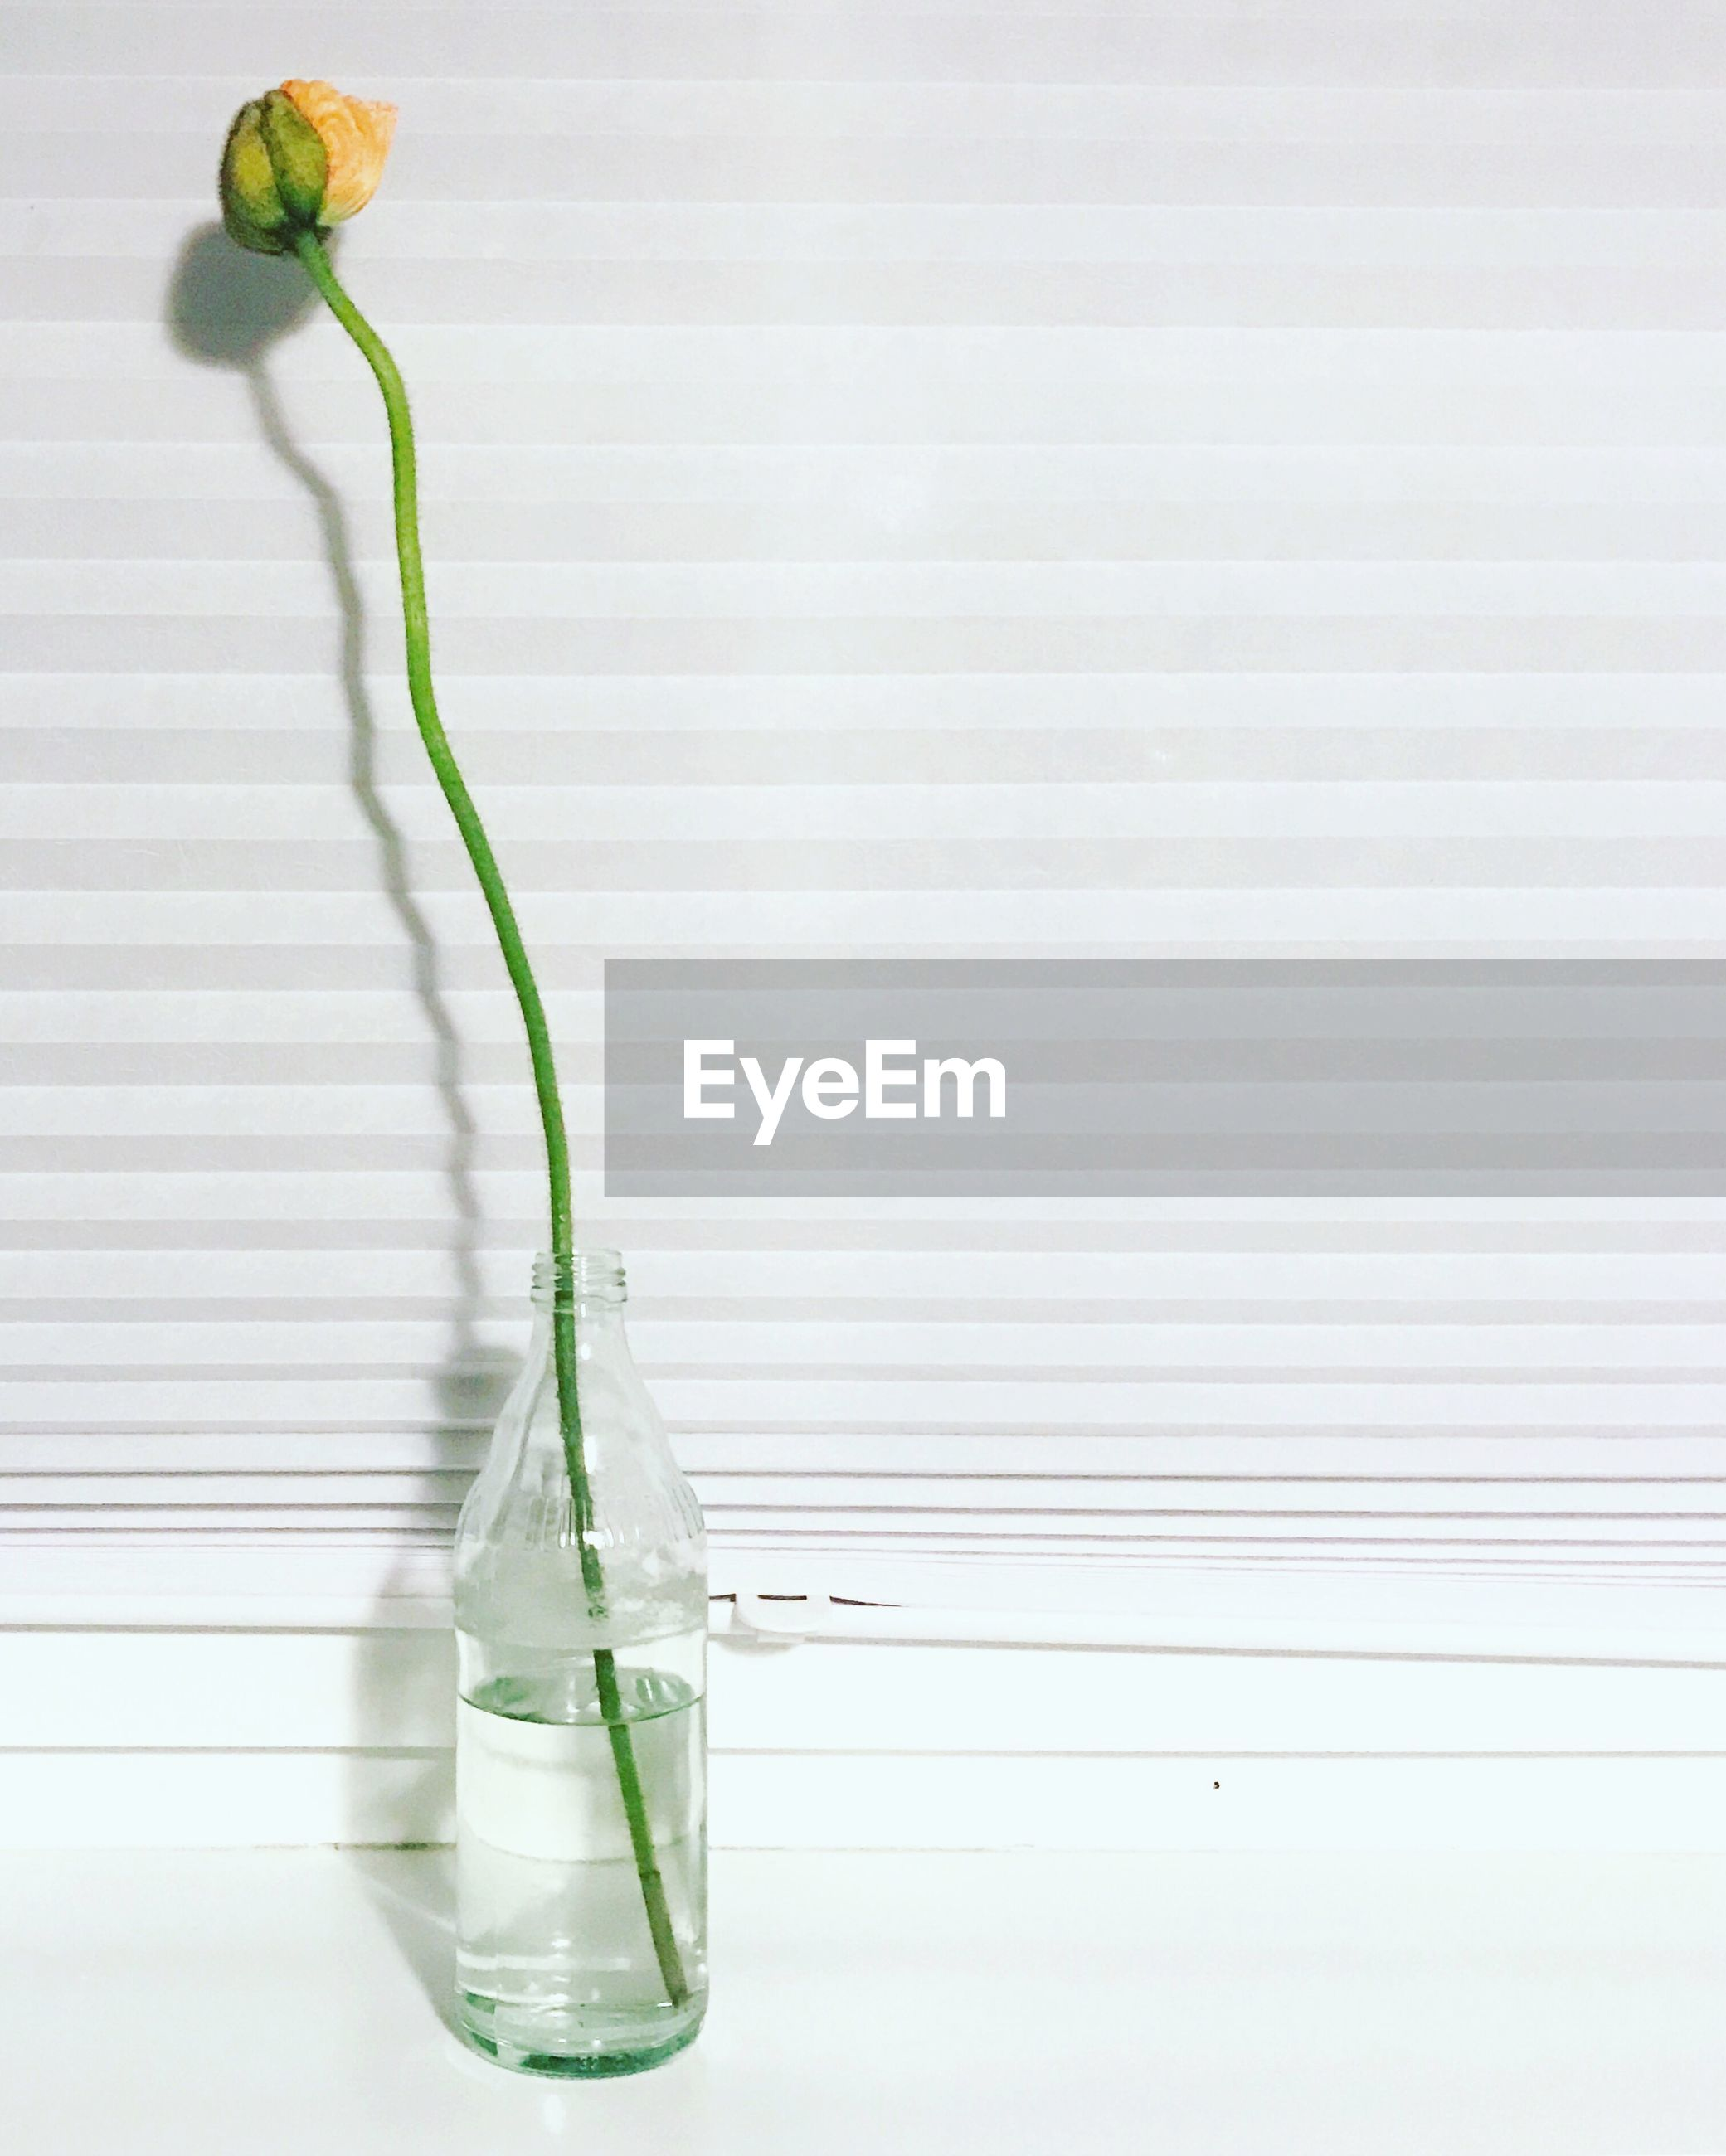 Flower in glass bottle against window